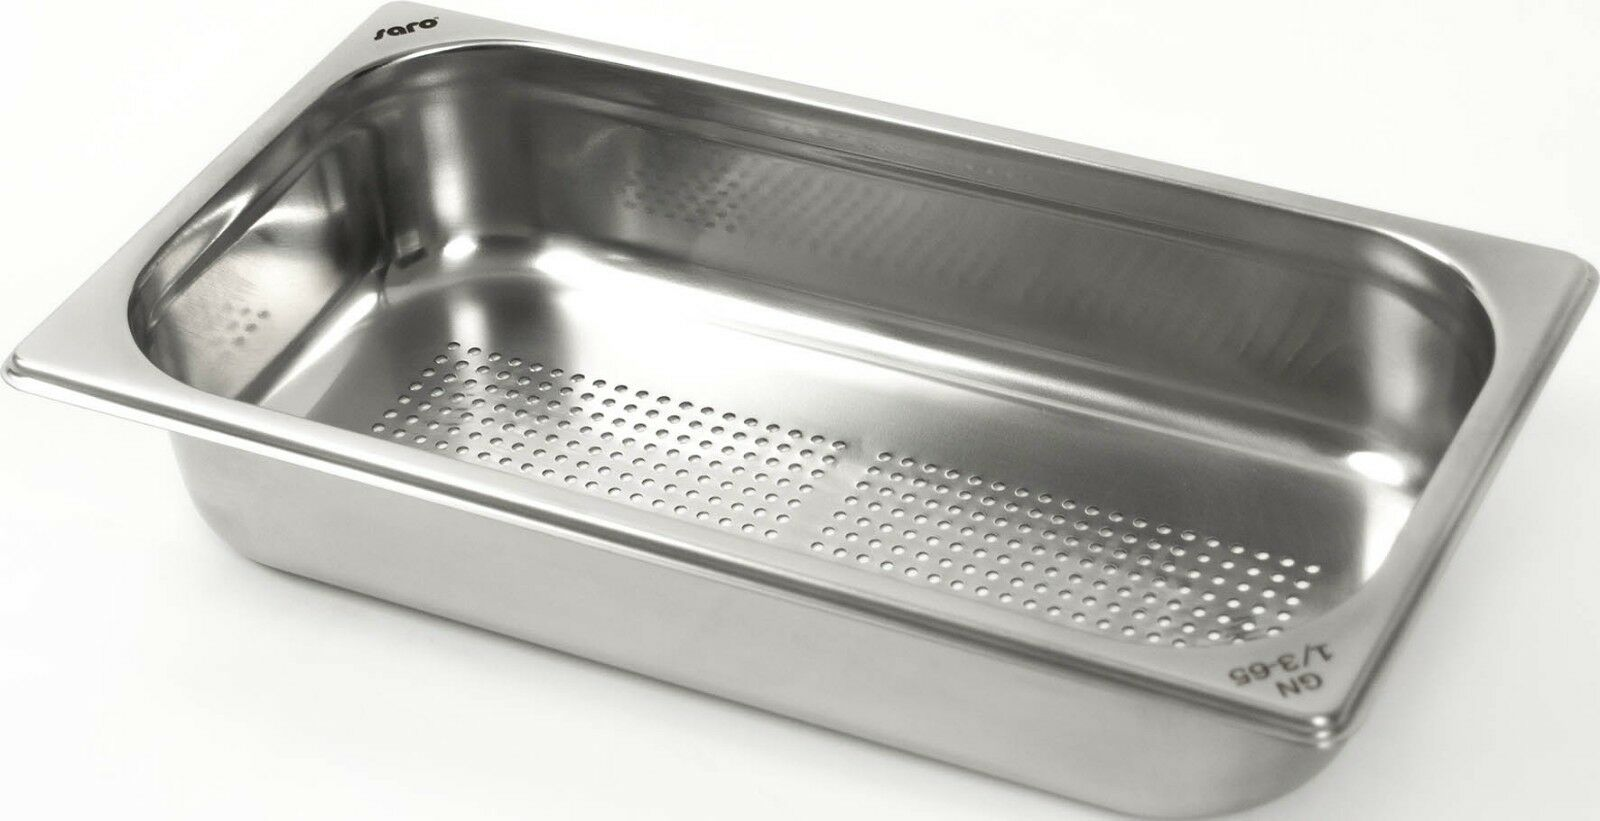 GN Behälter 1//3 perforiert 2,5 Liter Tiefe 65 mm Gastronorm gelocht Edelstahl